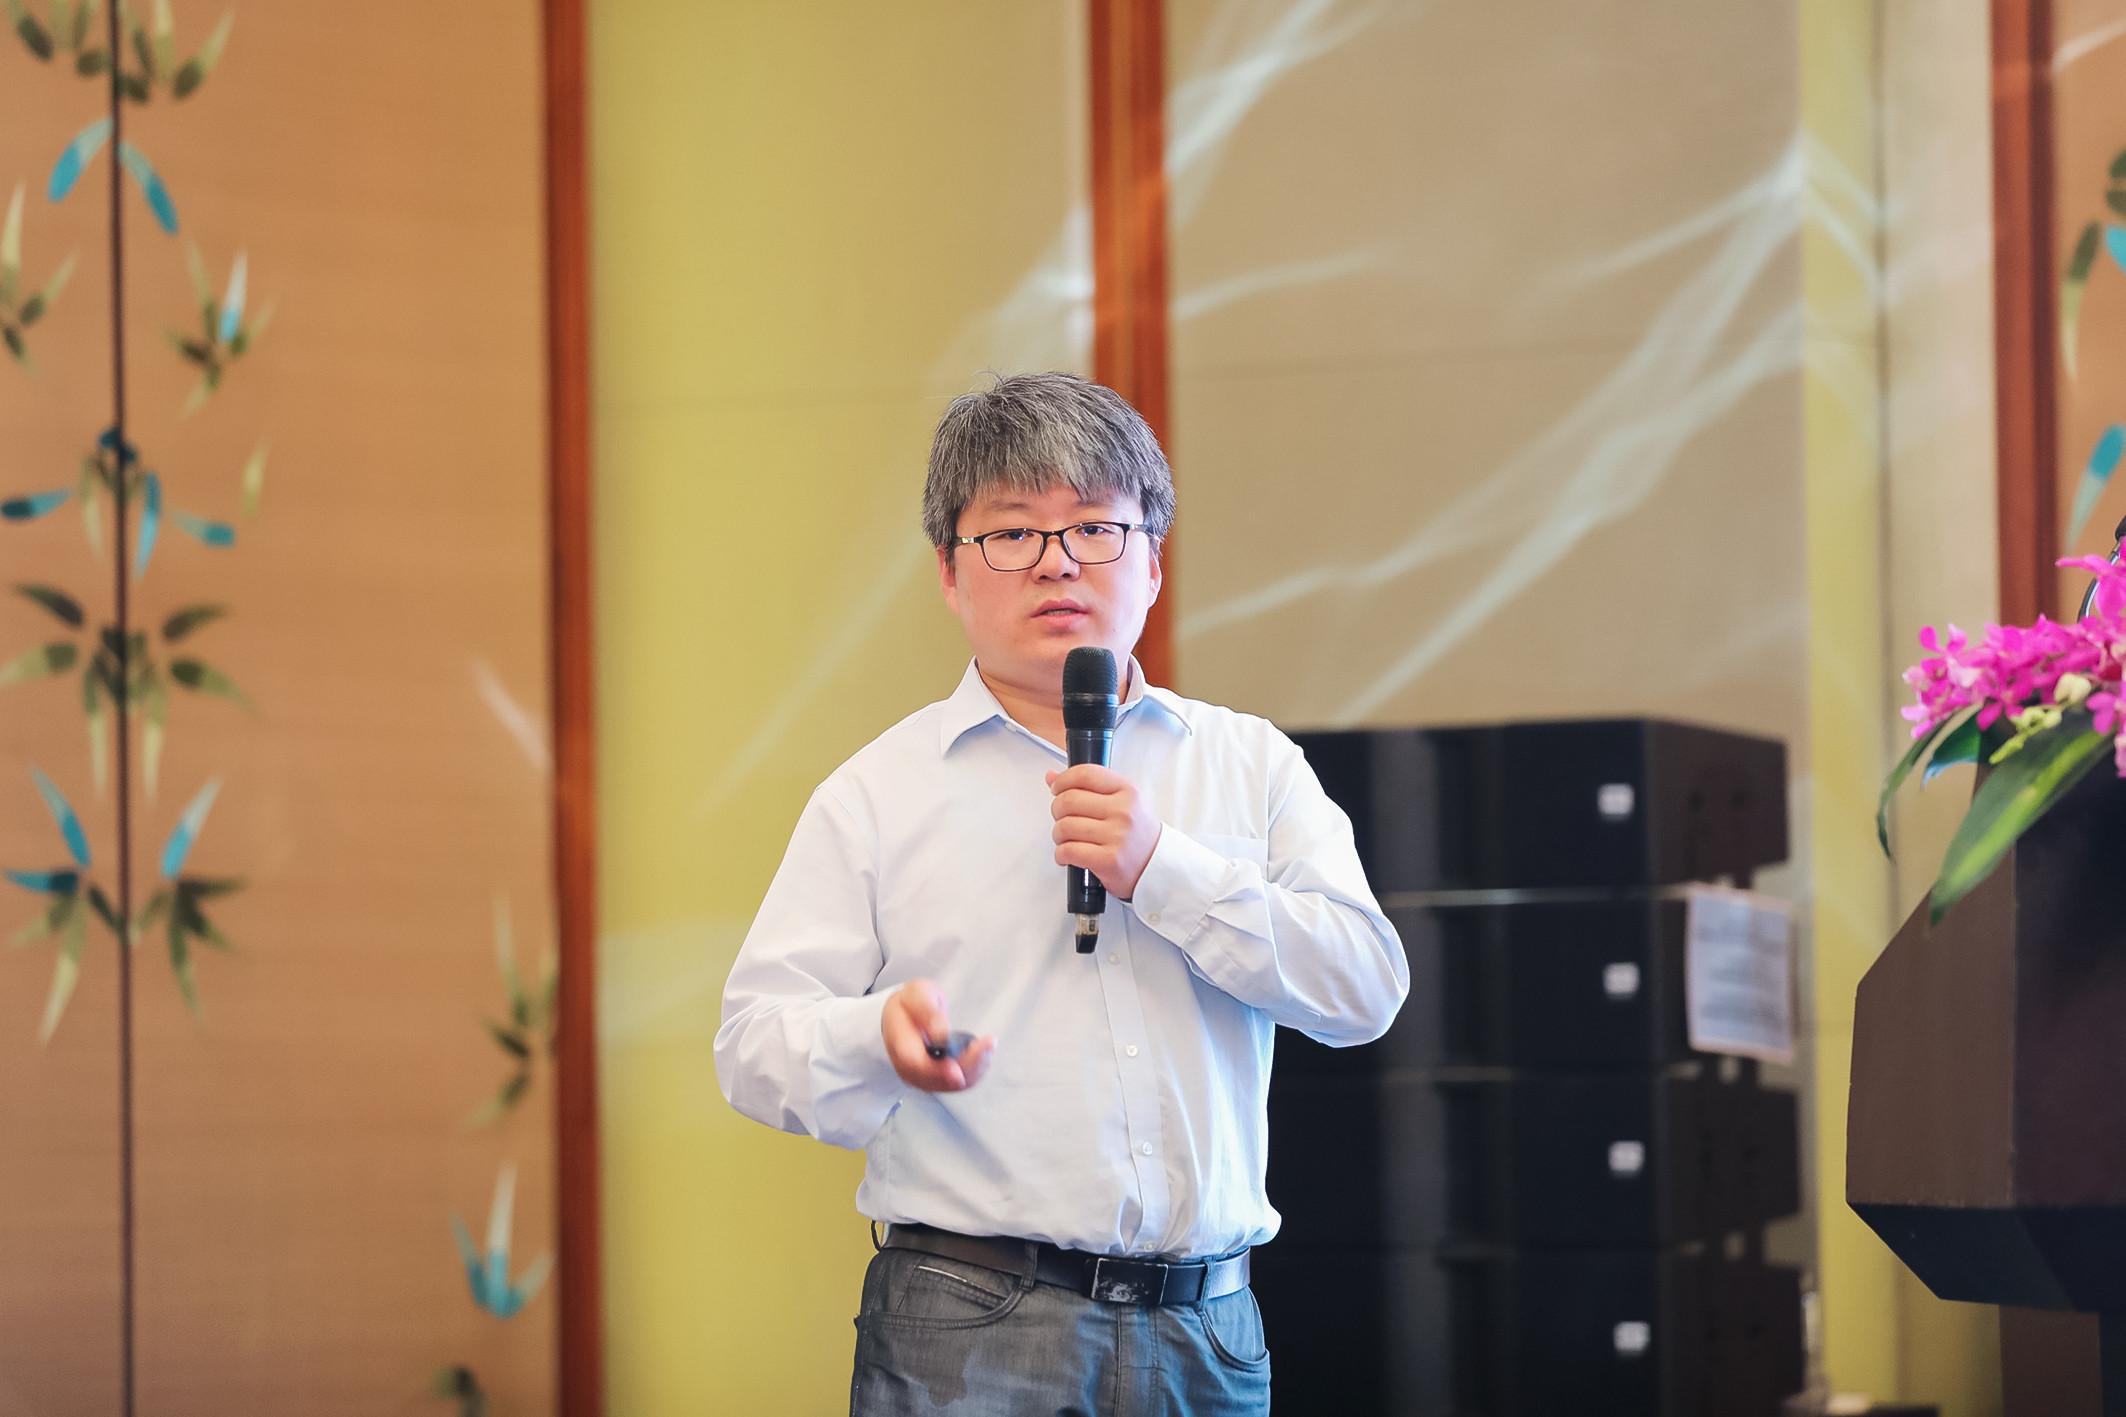 于常涛,ADI亚太区工业自动化行业市场部经理